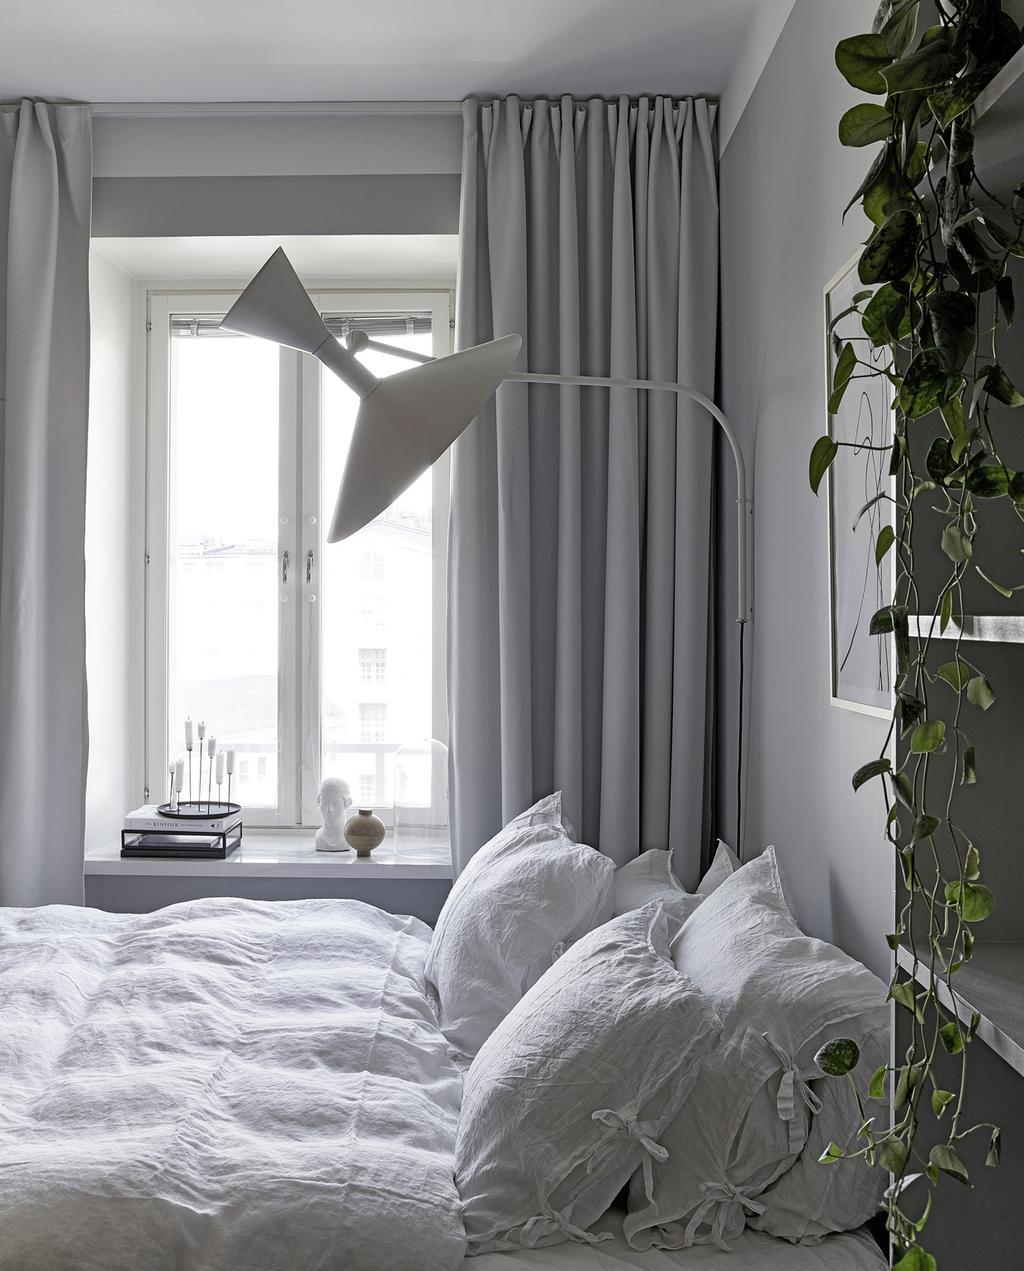 vtwonen special tiny houses | lichtte slaapkamer met wit dekbedovertrek in zwart-witte design loft